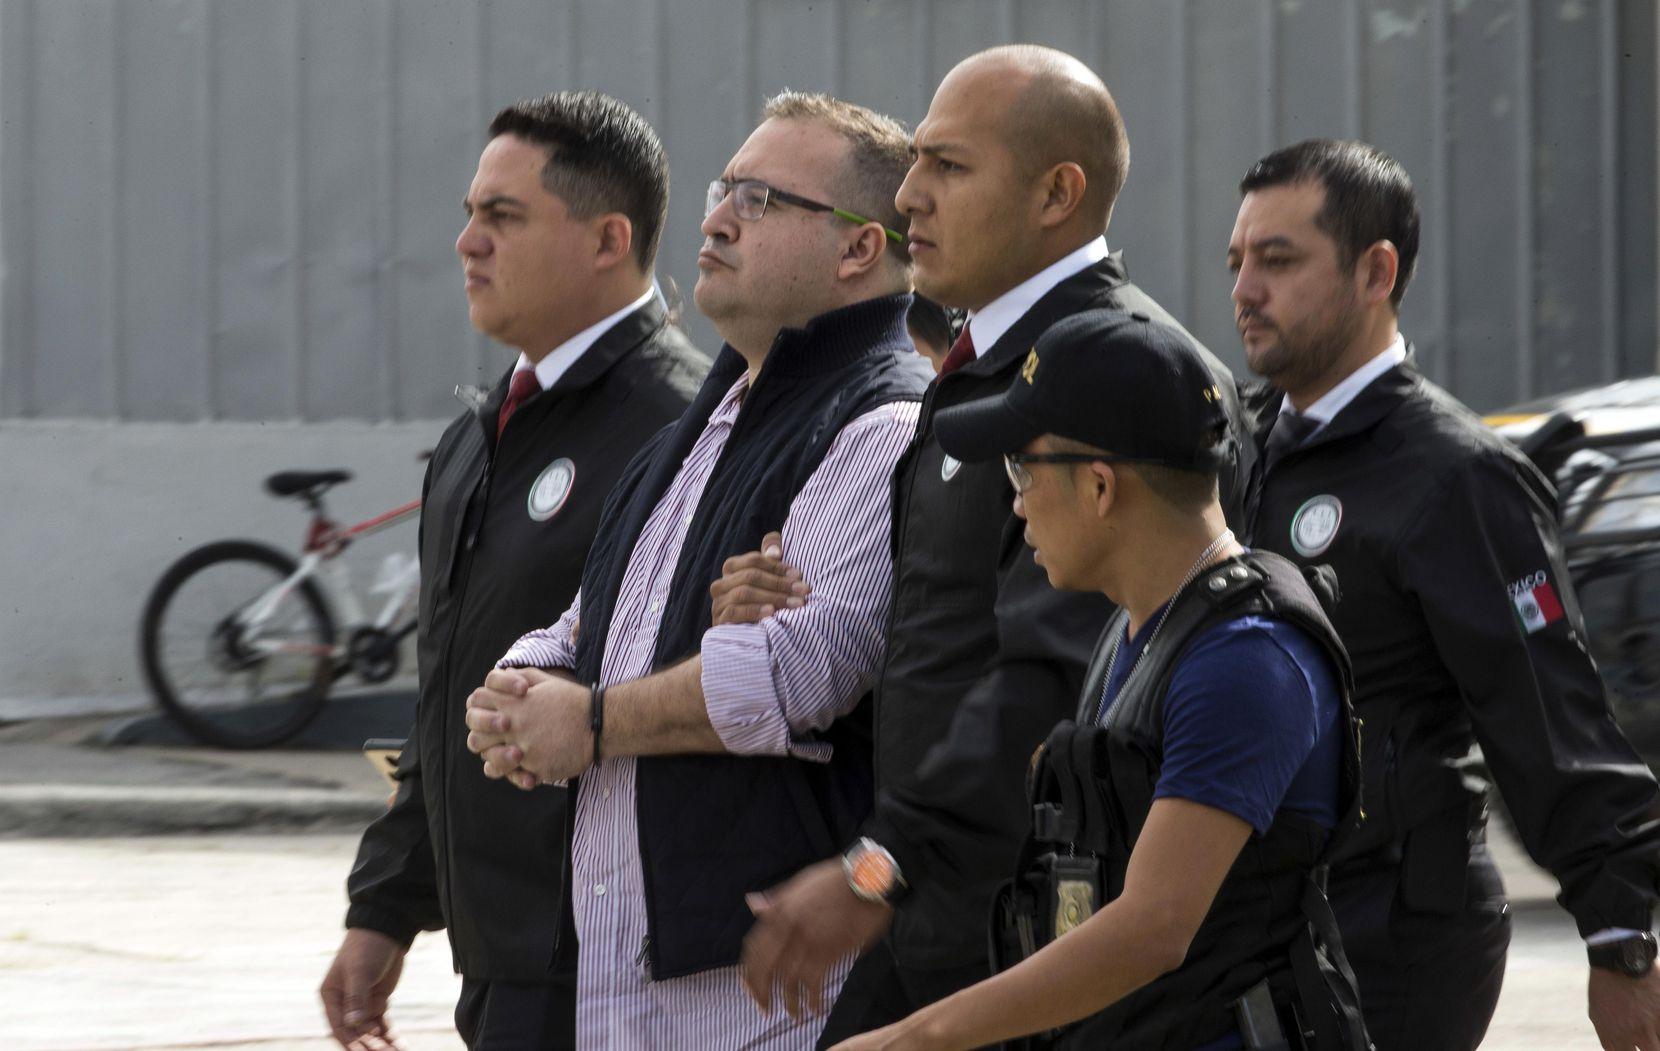 El exgobernador del estado de Veracruz, Javier Duarte, es escoltado por la policía hacia un avión antes de su extradición a México desde la Fuerza Aérea en Ciudad de Guatemala., (AP/MOISES CASTILLO)